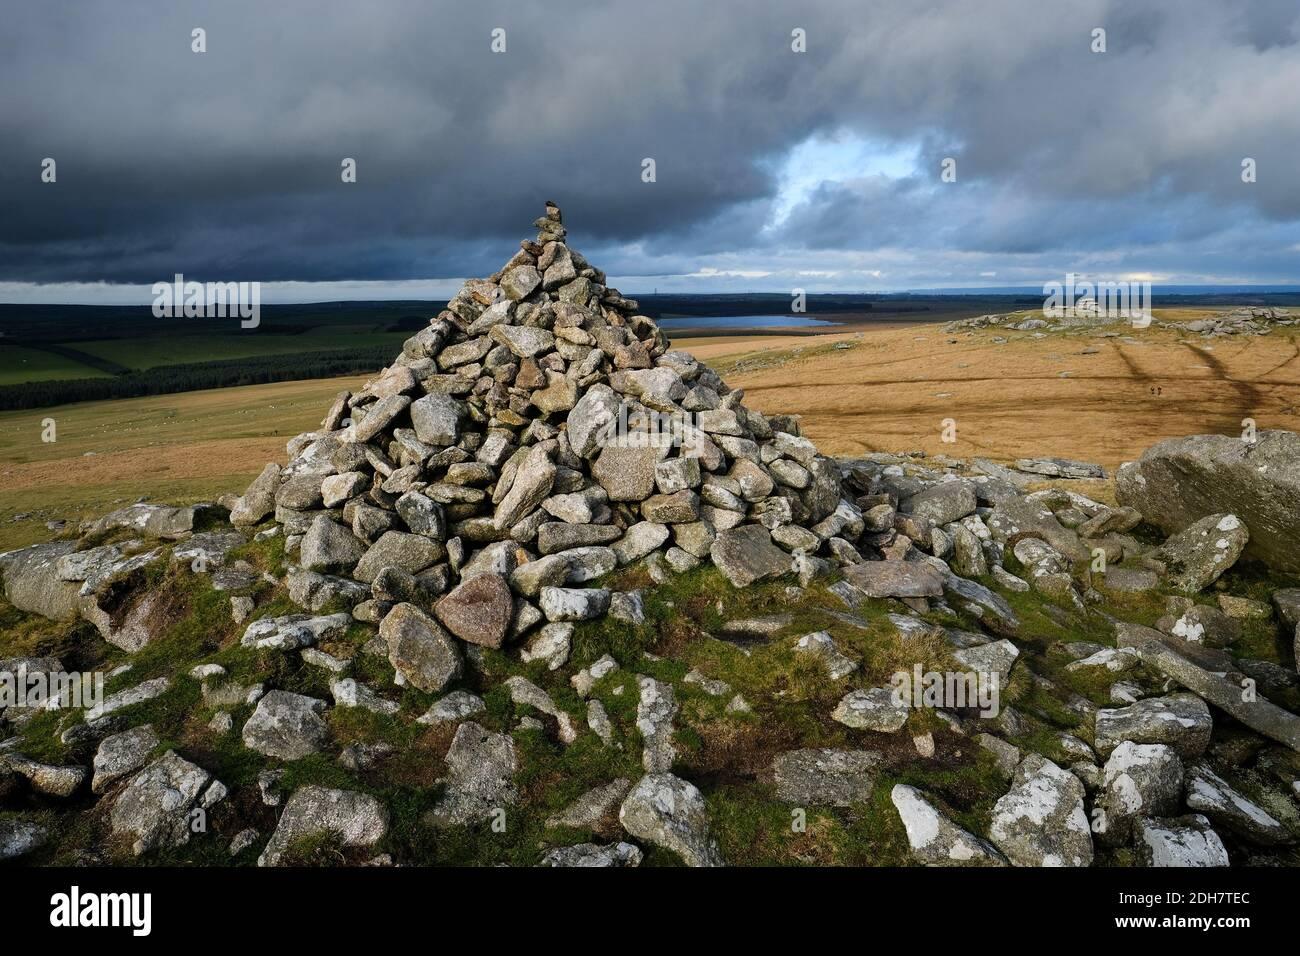 Un cairn sur Rough Tor, regardant à travers la montre Tor sur Bodmin Moor.jeudi 12 novembre 2020. Banque D'Images